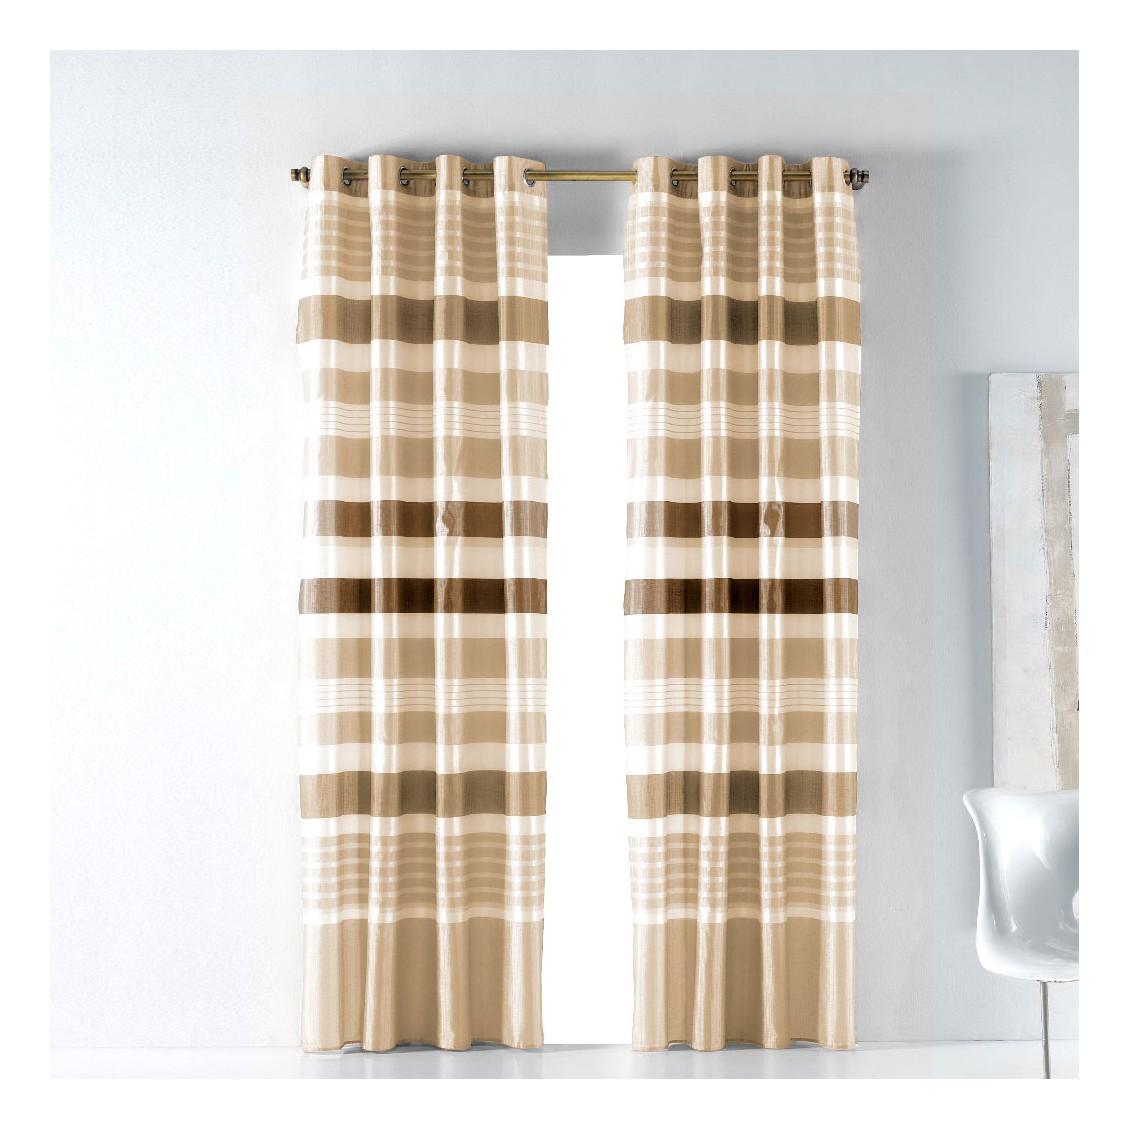 Cortina lanzarote 8 anillas cortinas rayas sal n comedor - Cortinas el visillo ...